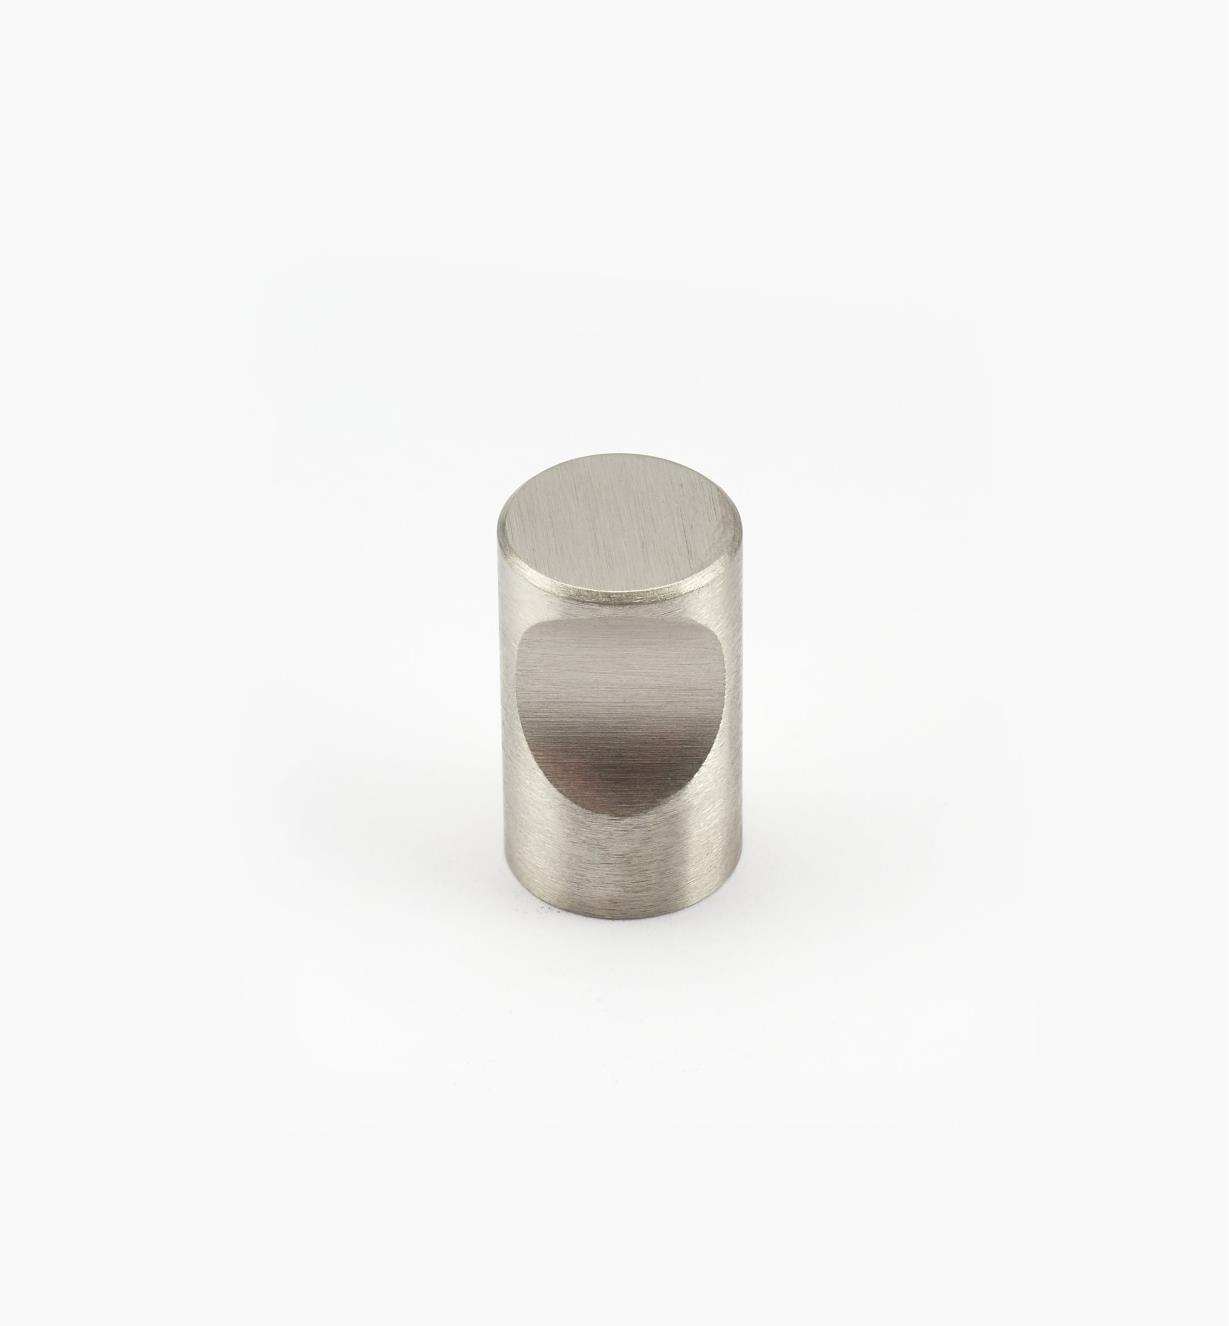 01W6512 - 12mm x 20mm Dimpled Knob